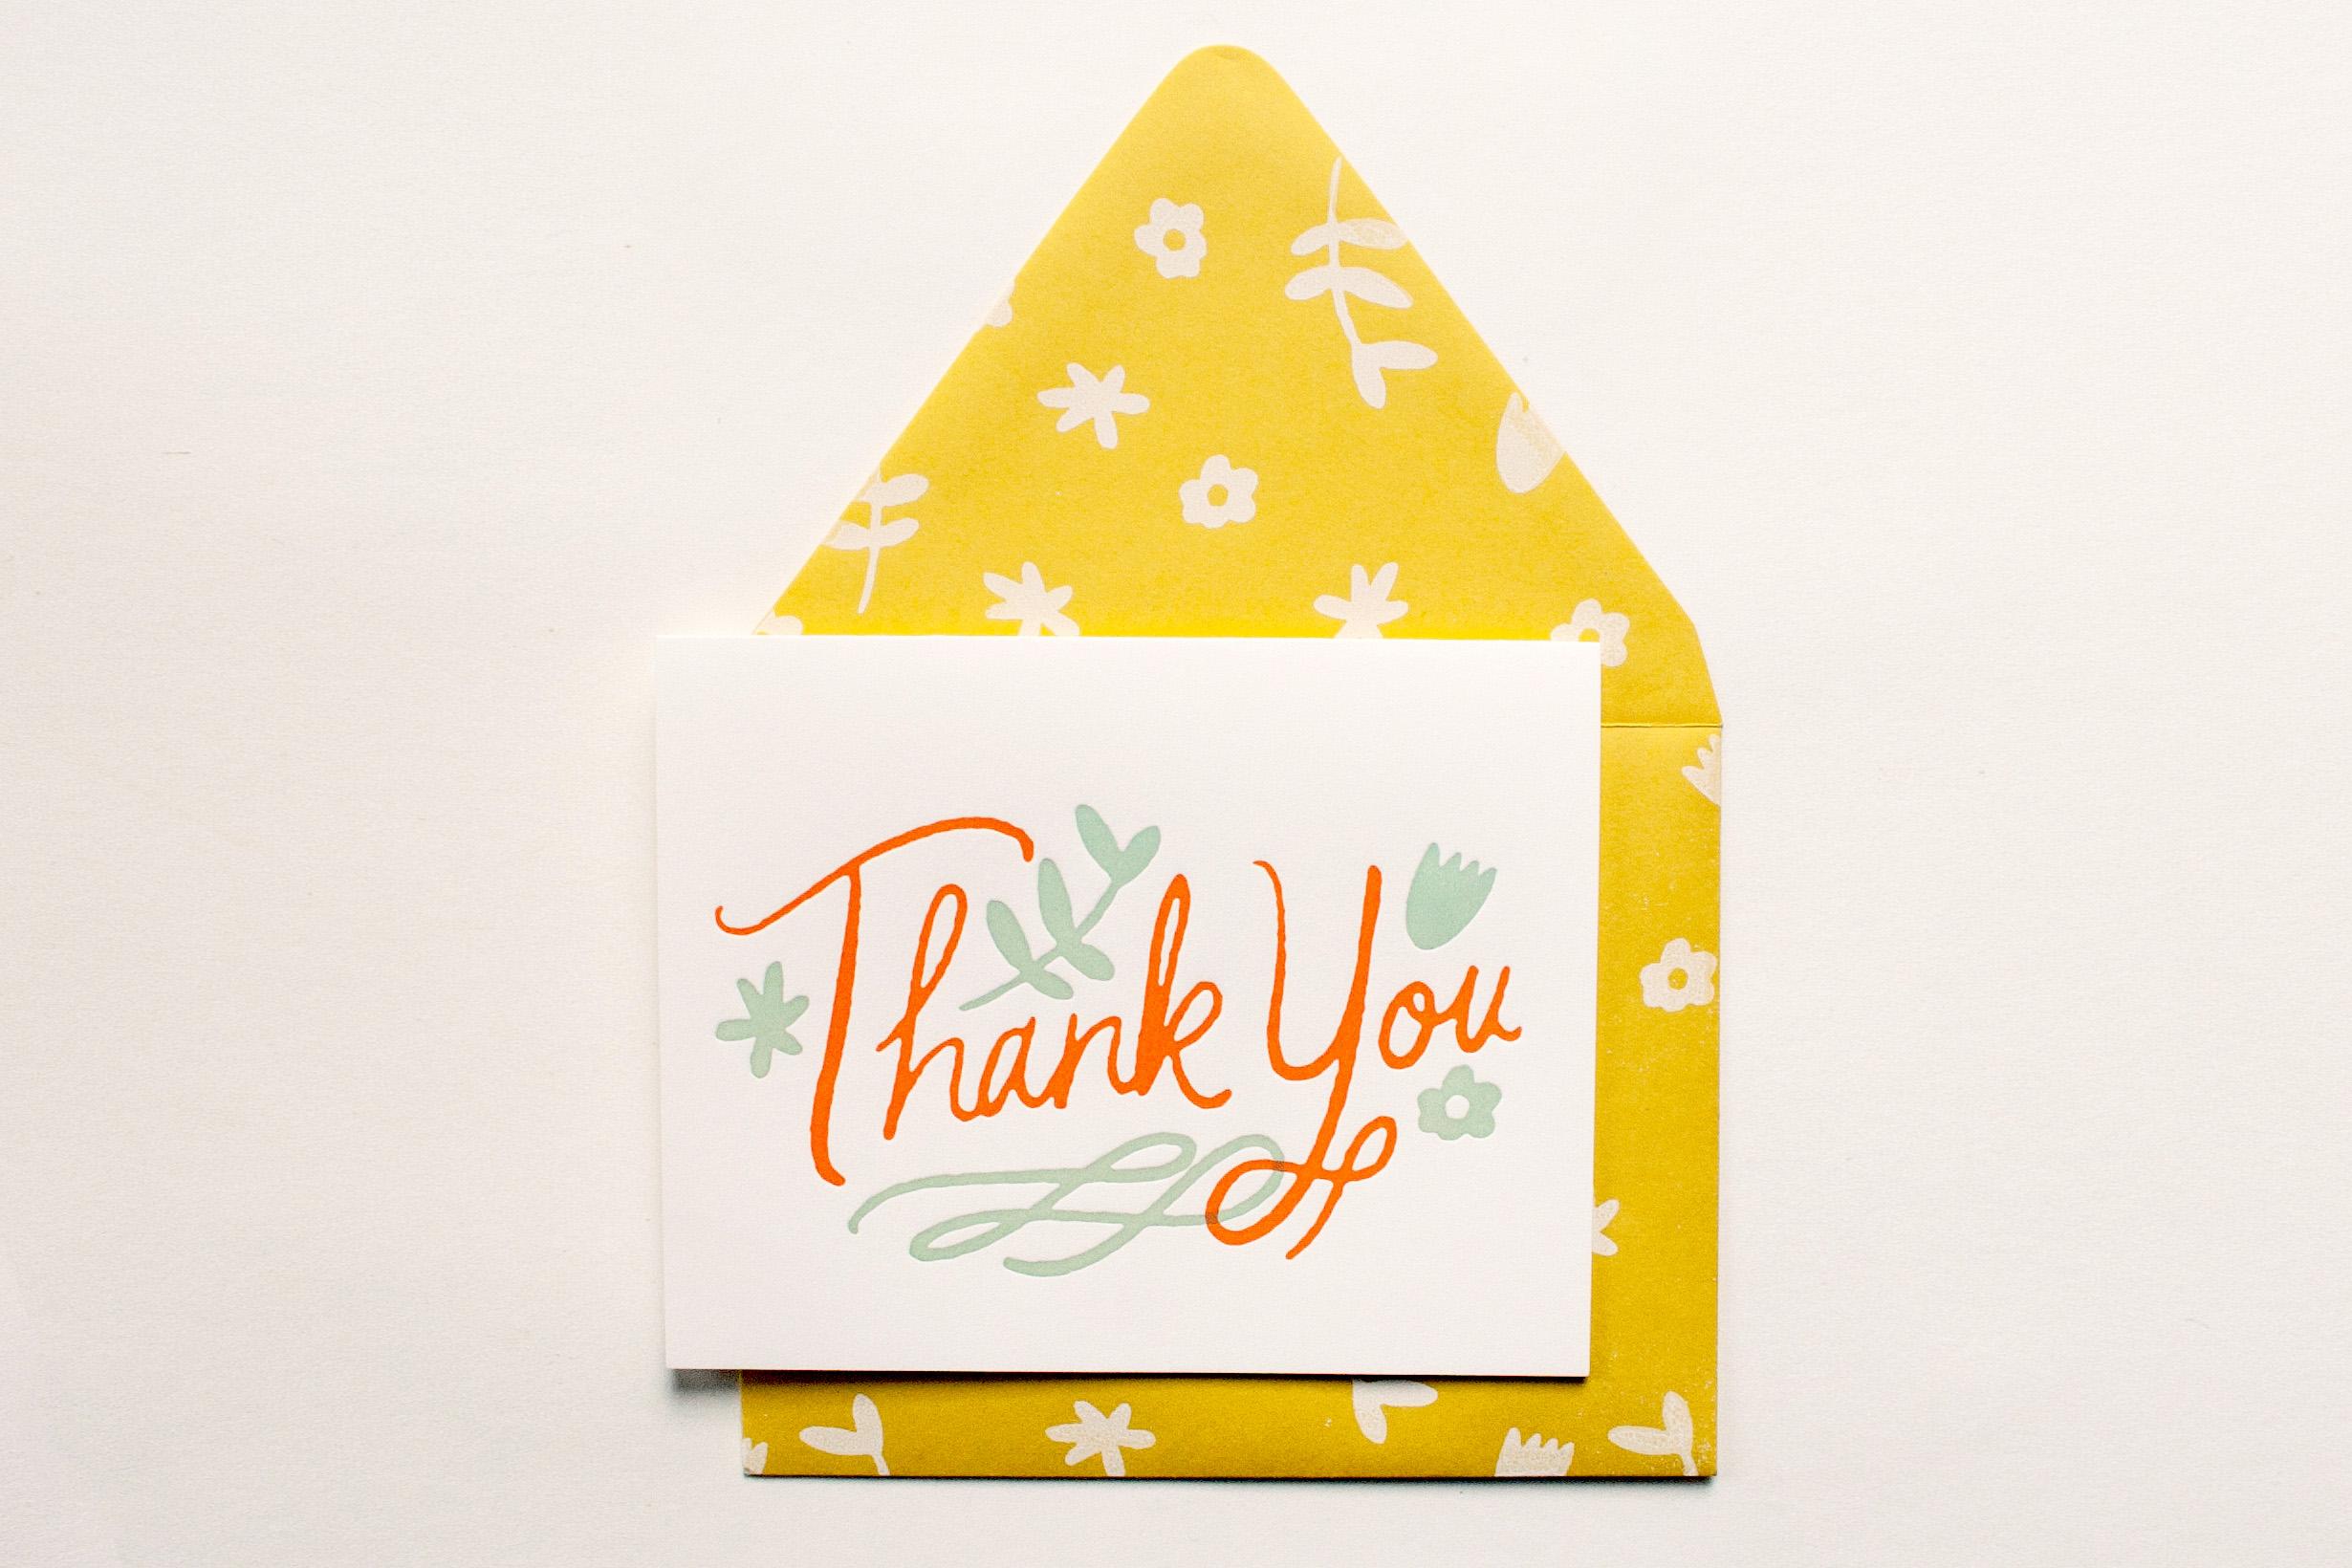 erin wallace letterpress thank you.jpg